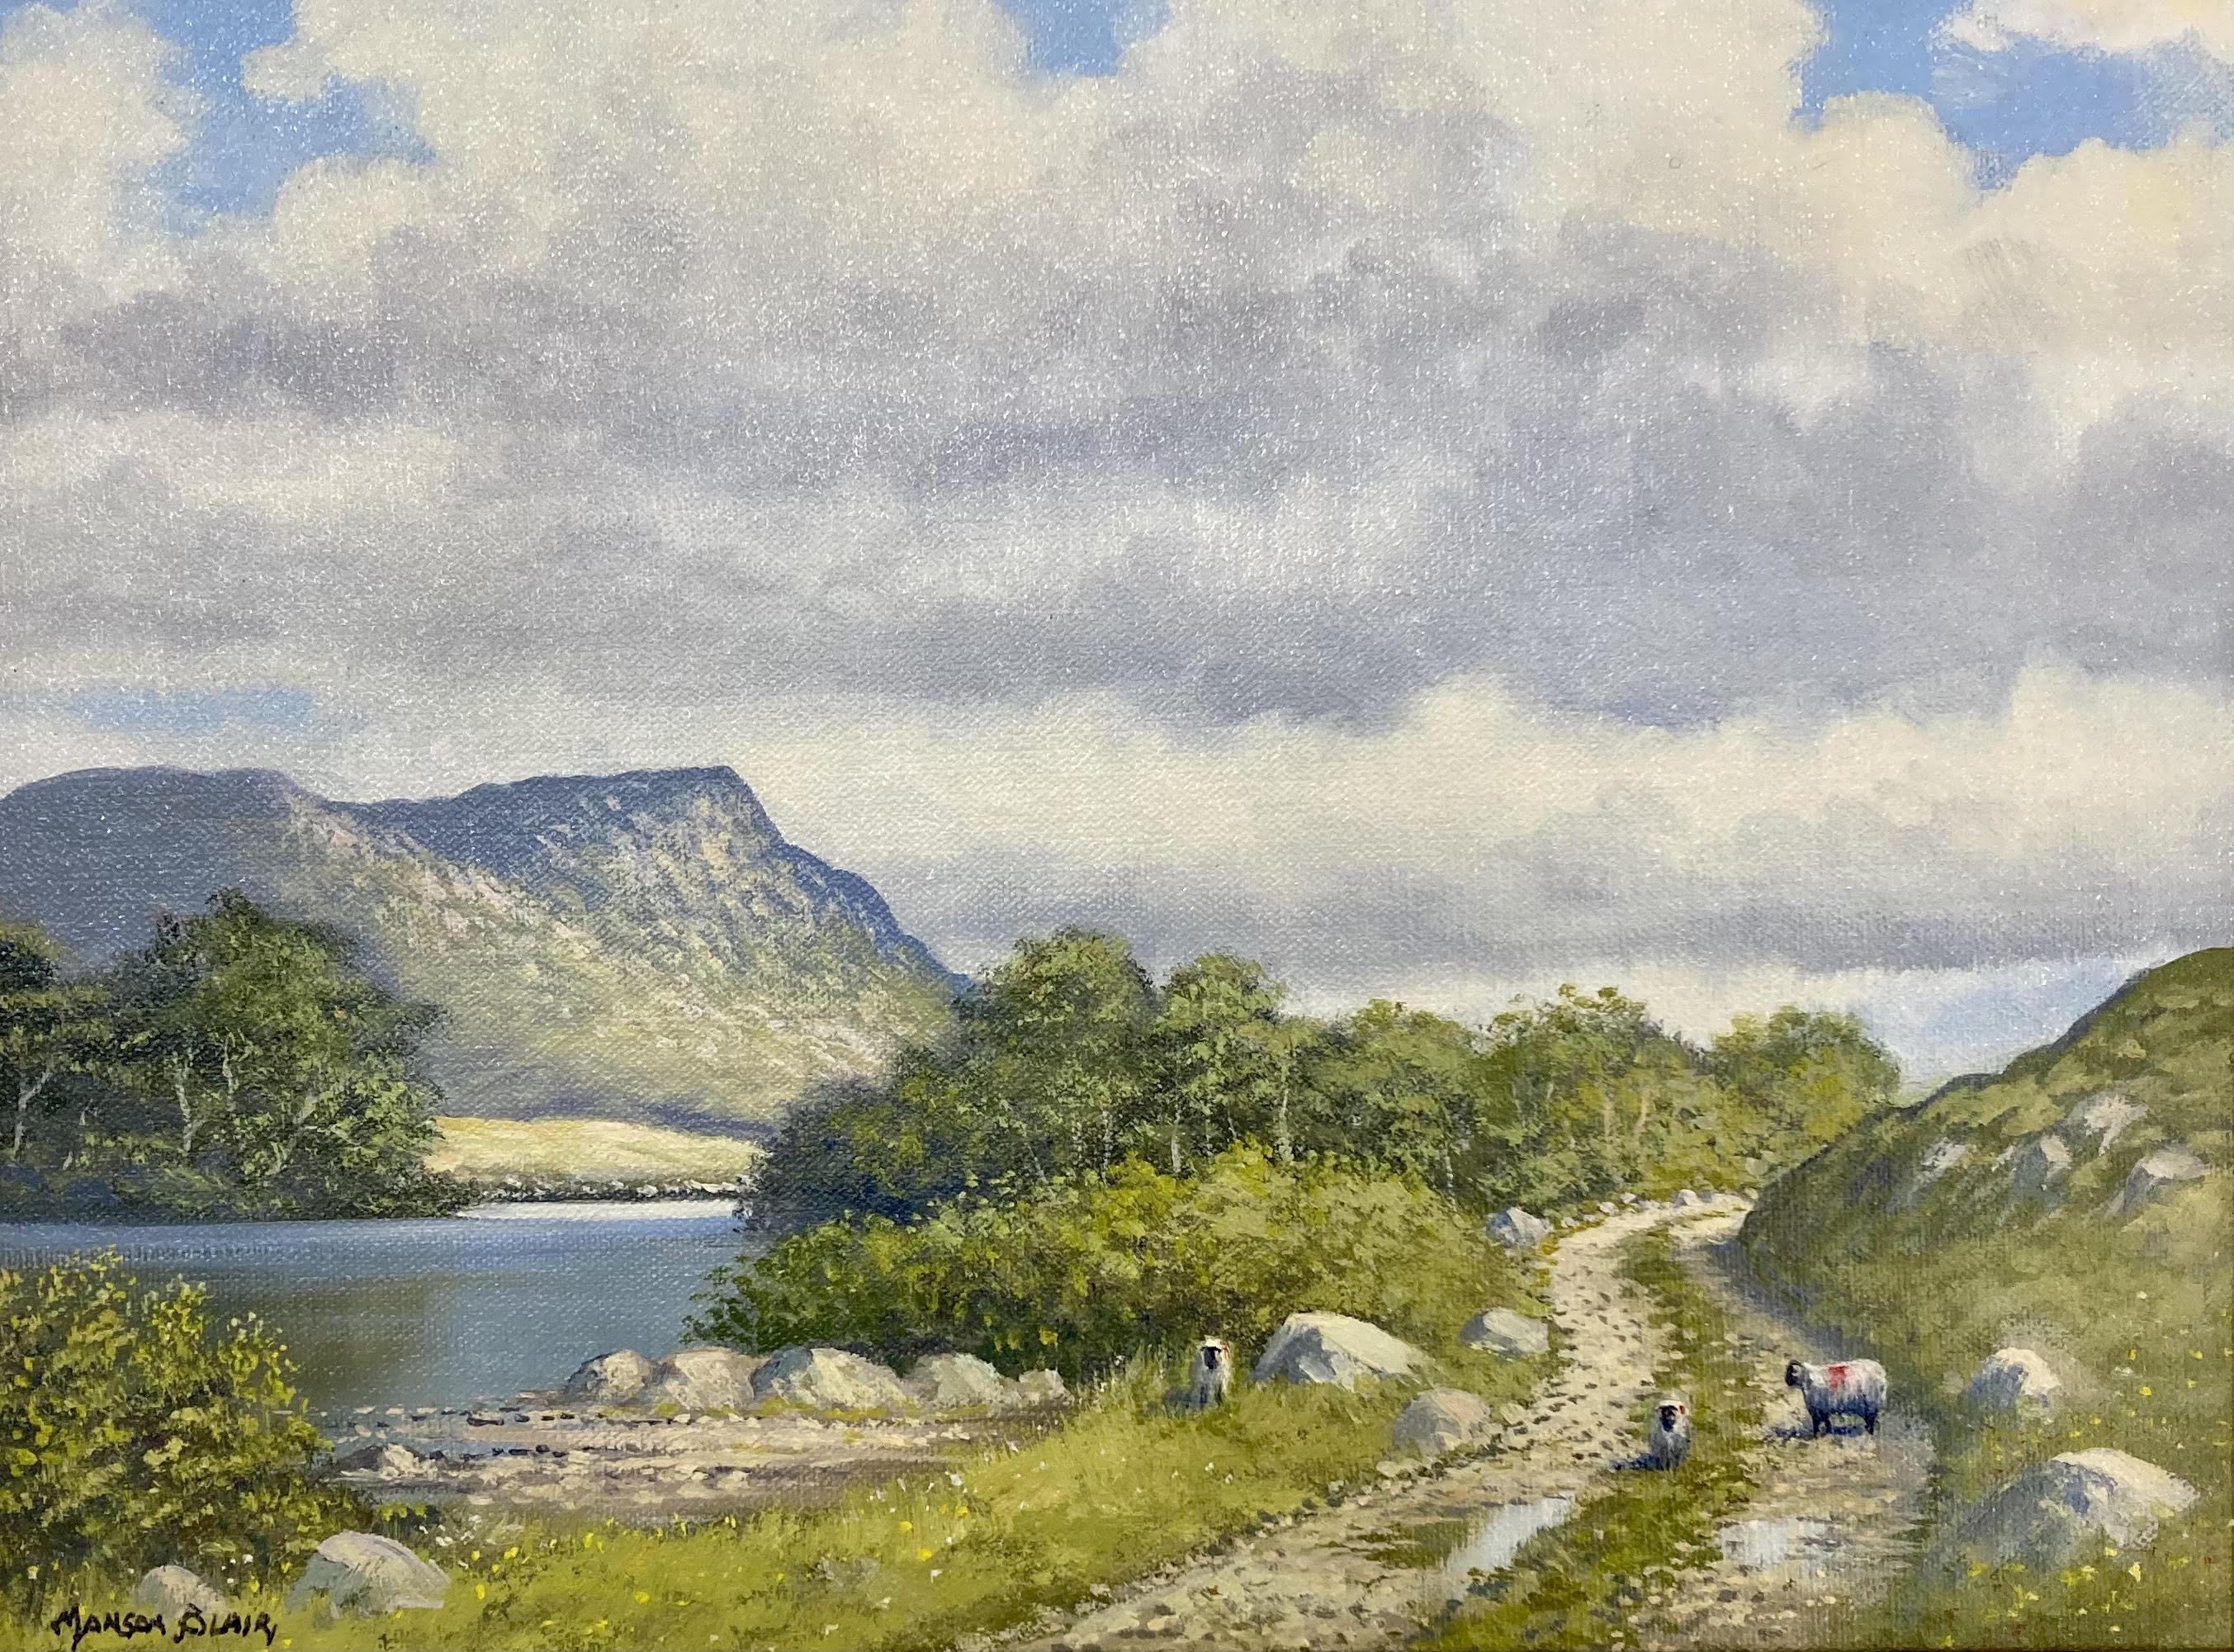 Lough Shindilla by Manson Blair